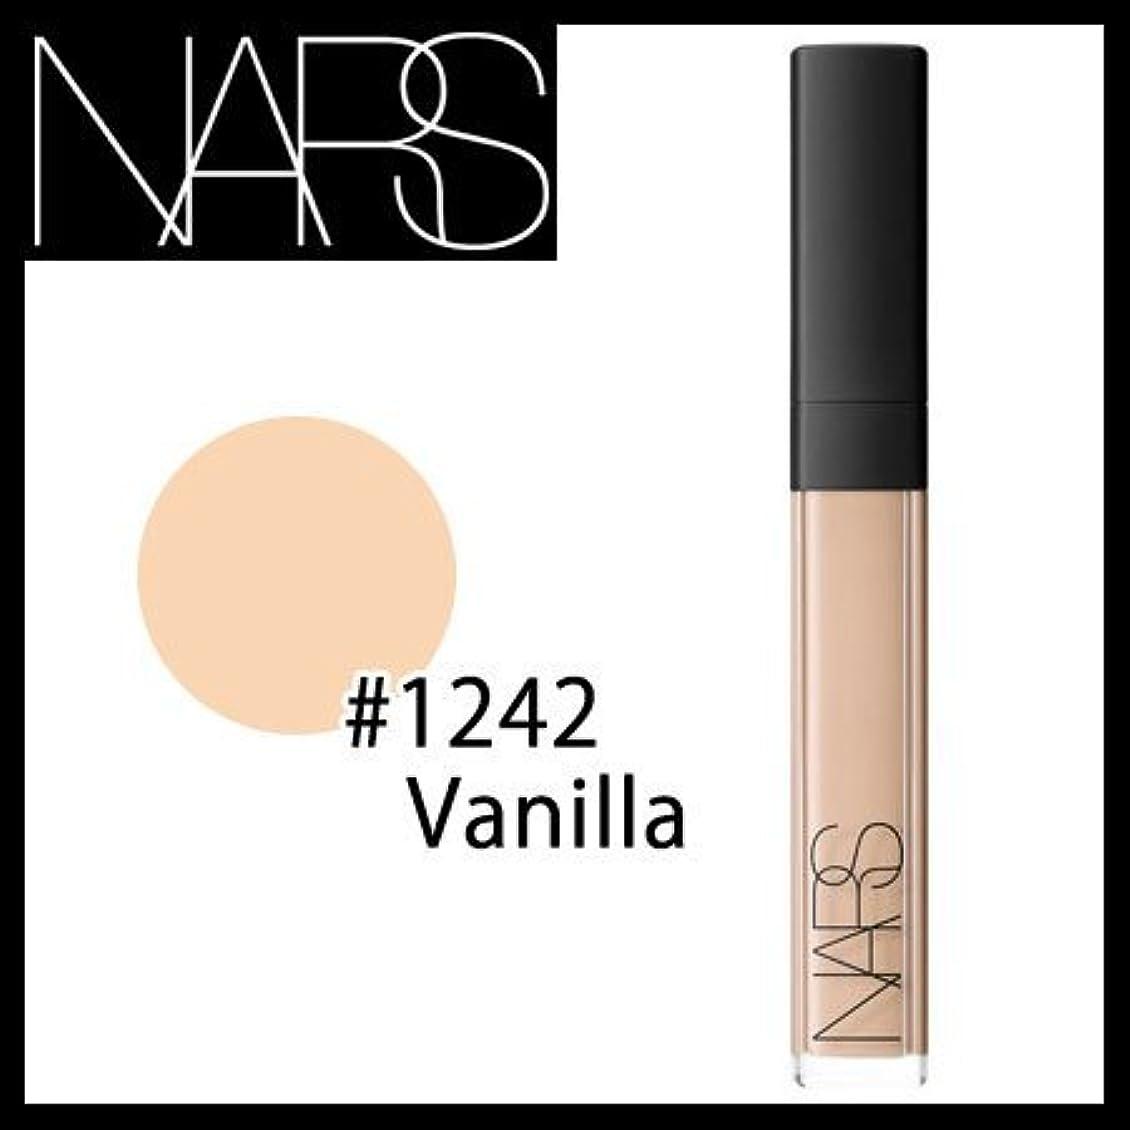 時系列一見カタログナーズ(NARS) ラディアント クリーミー コンシーラー #1242 Vanilla[並行輸入品]